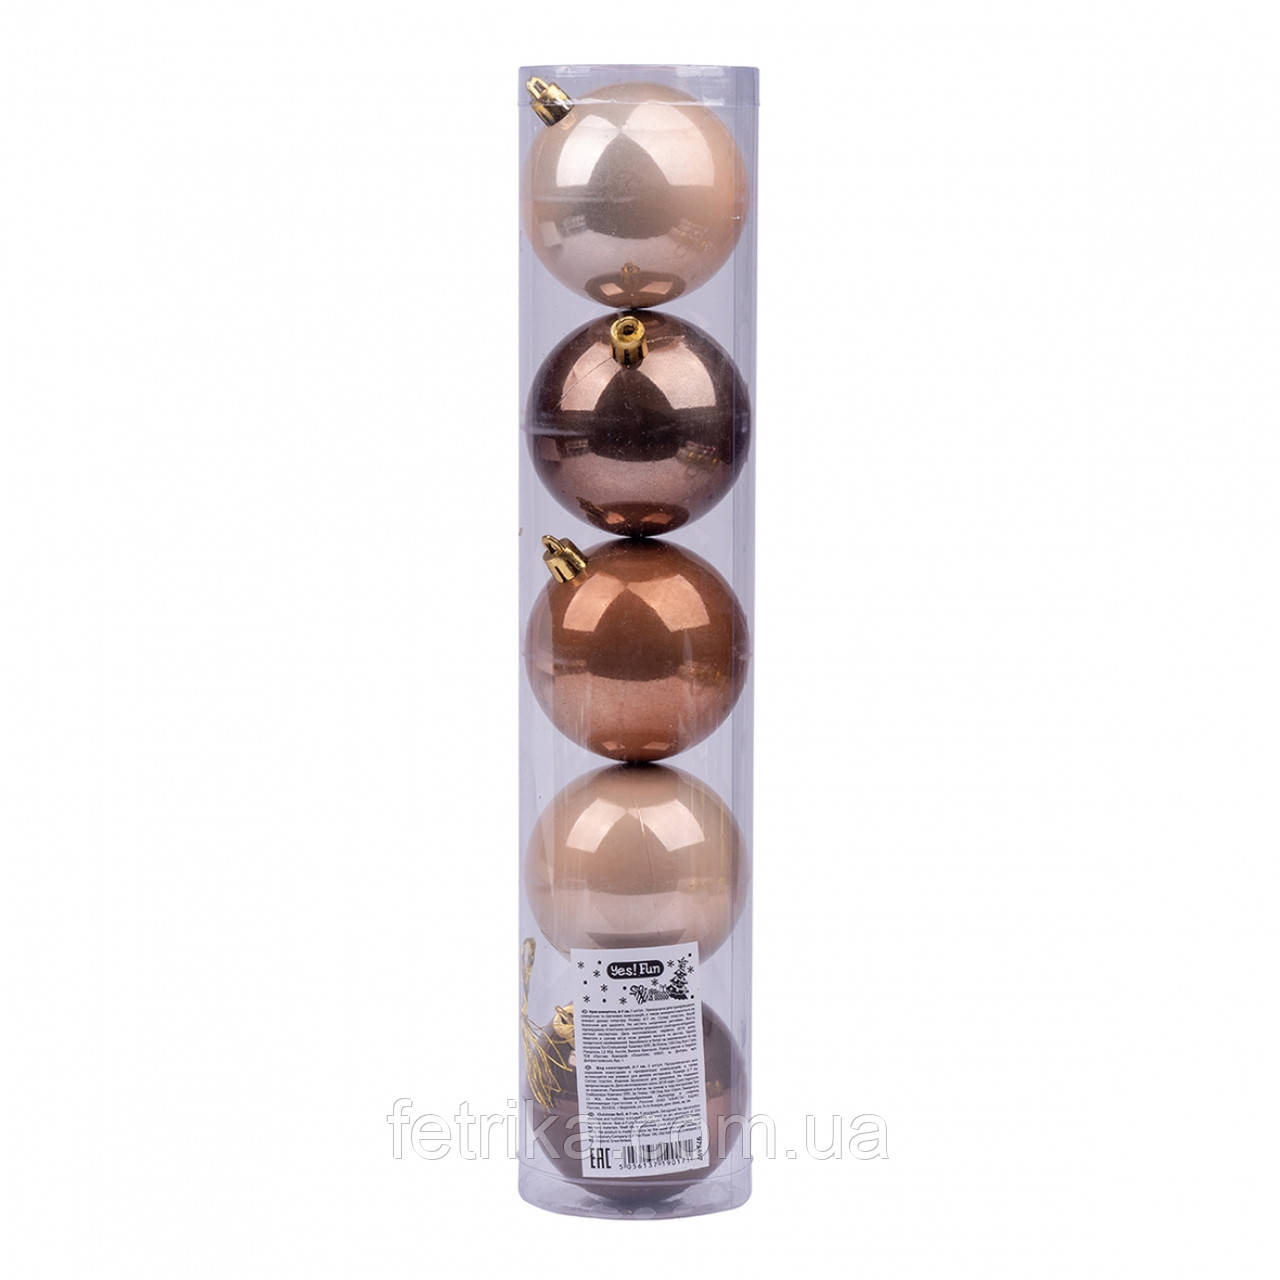 Набор новогодних шаров  Ø 7 см, 5 шт./уп.